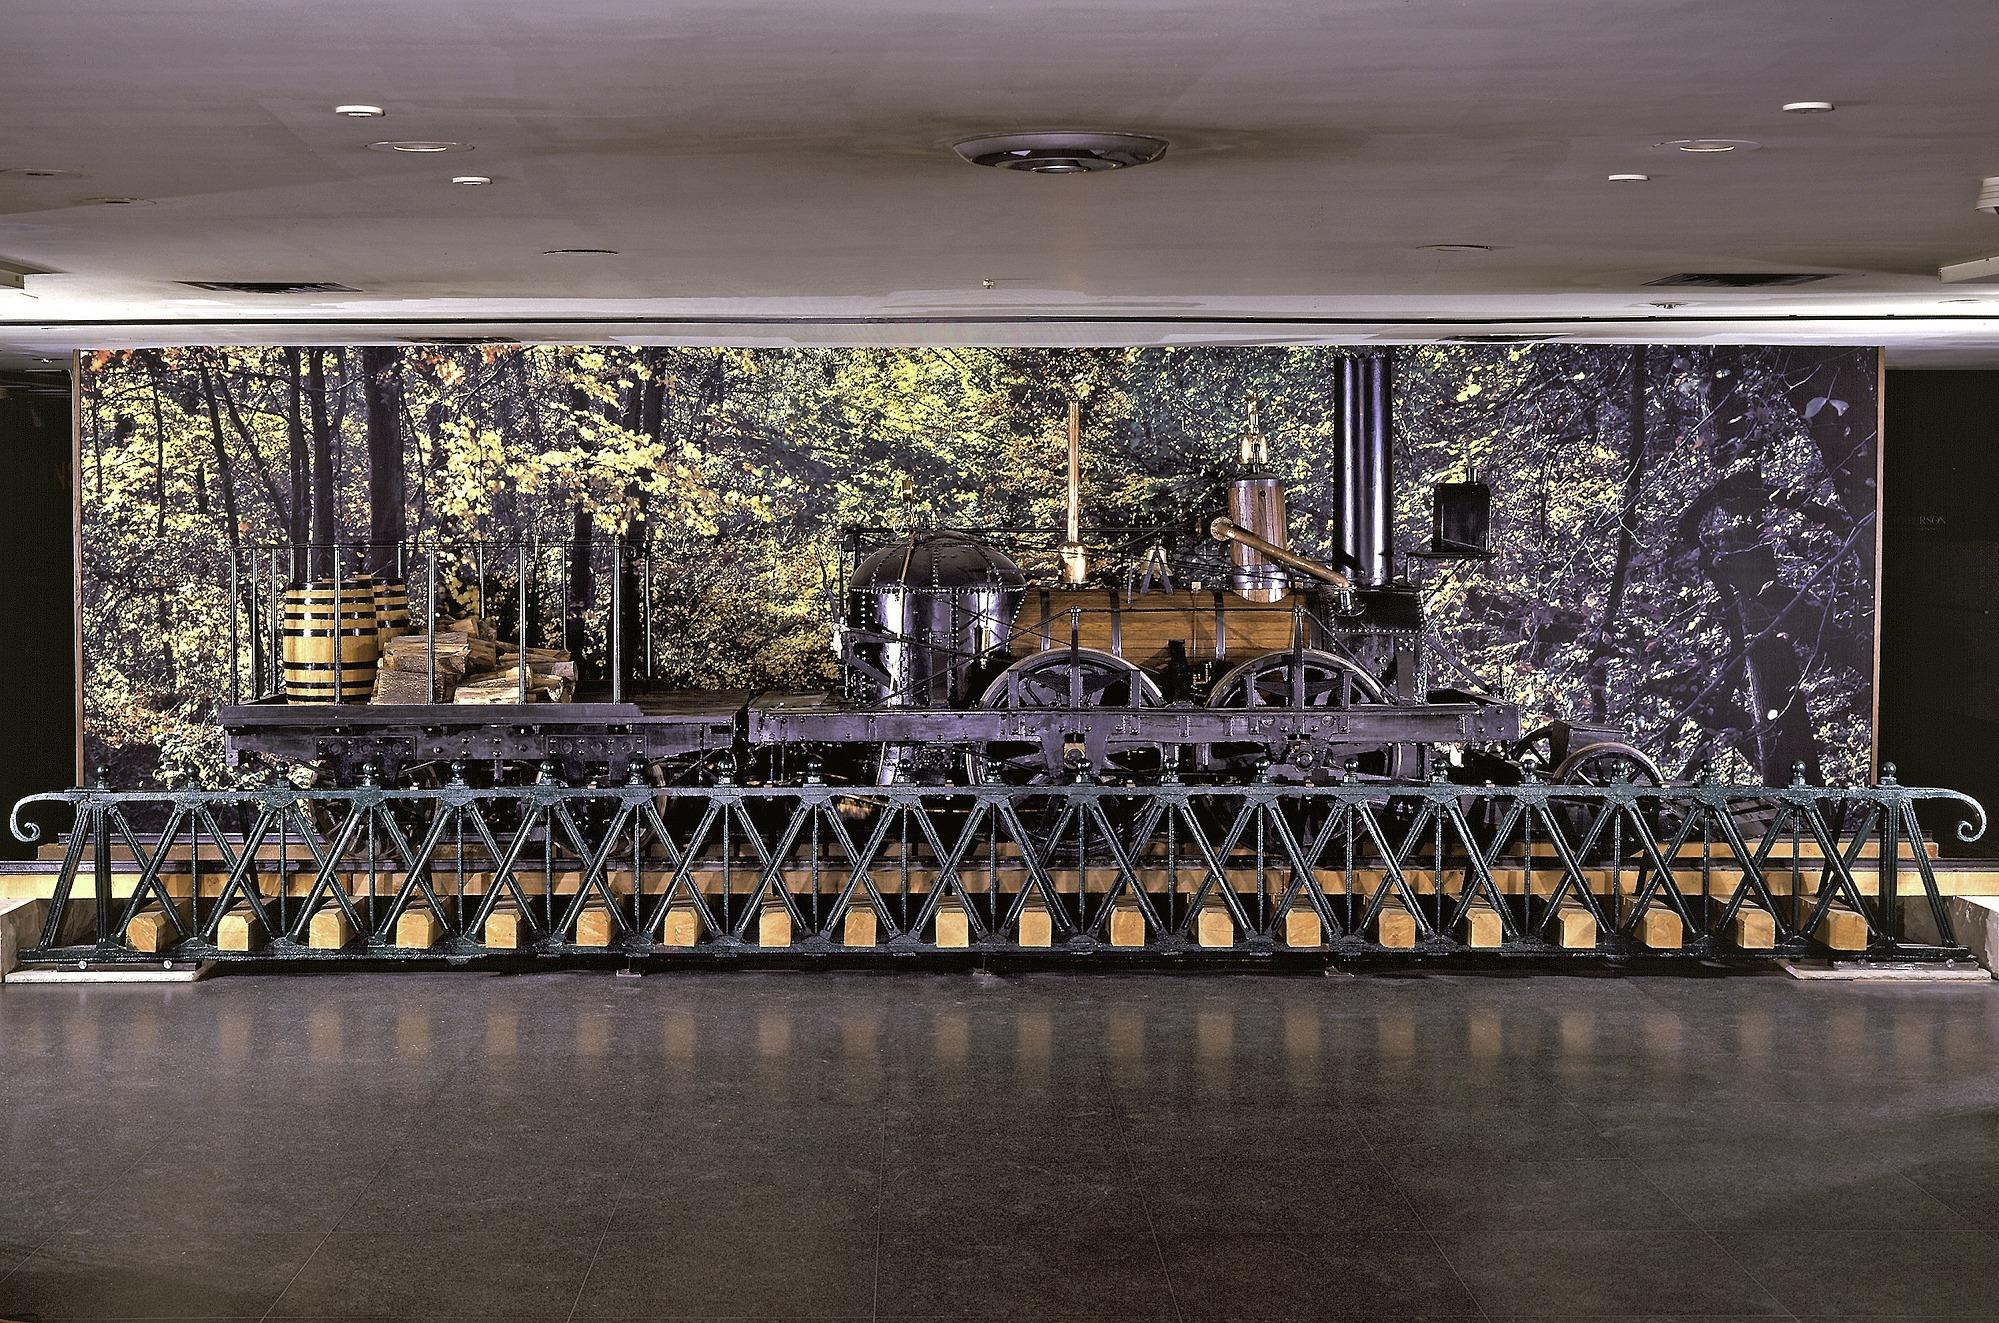 images for Steam Locomotive, <I>John Bull</I>